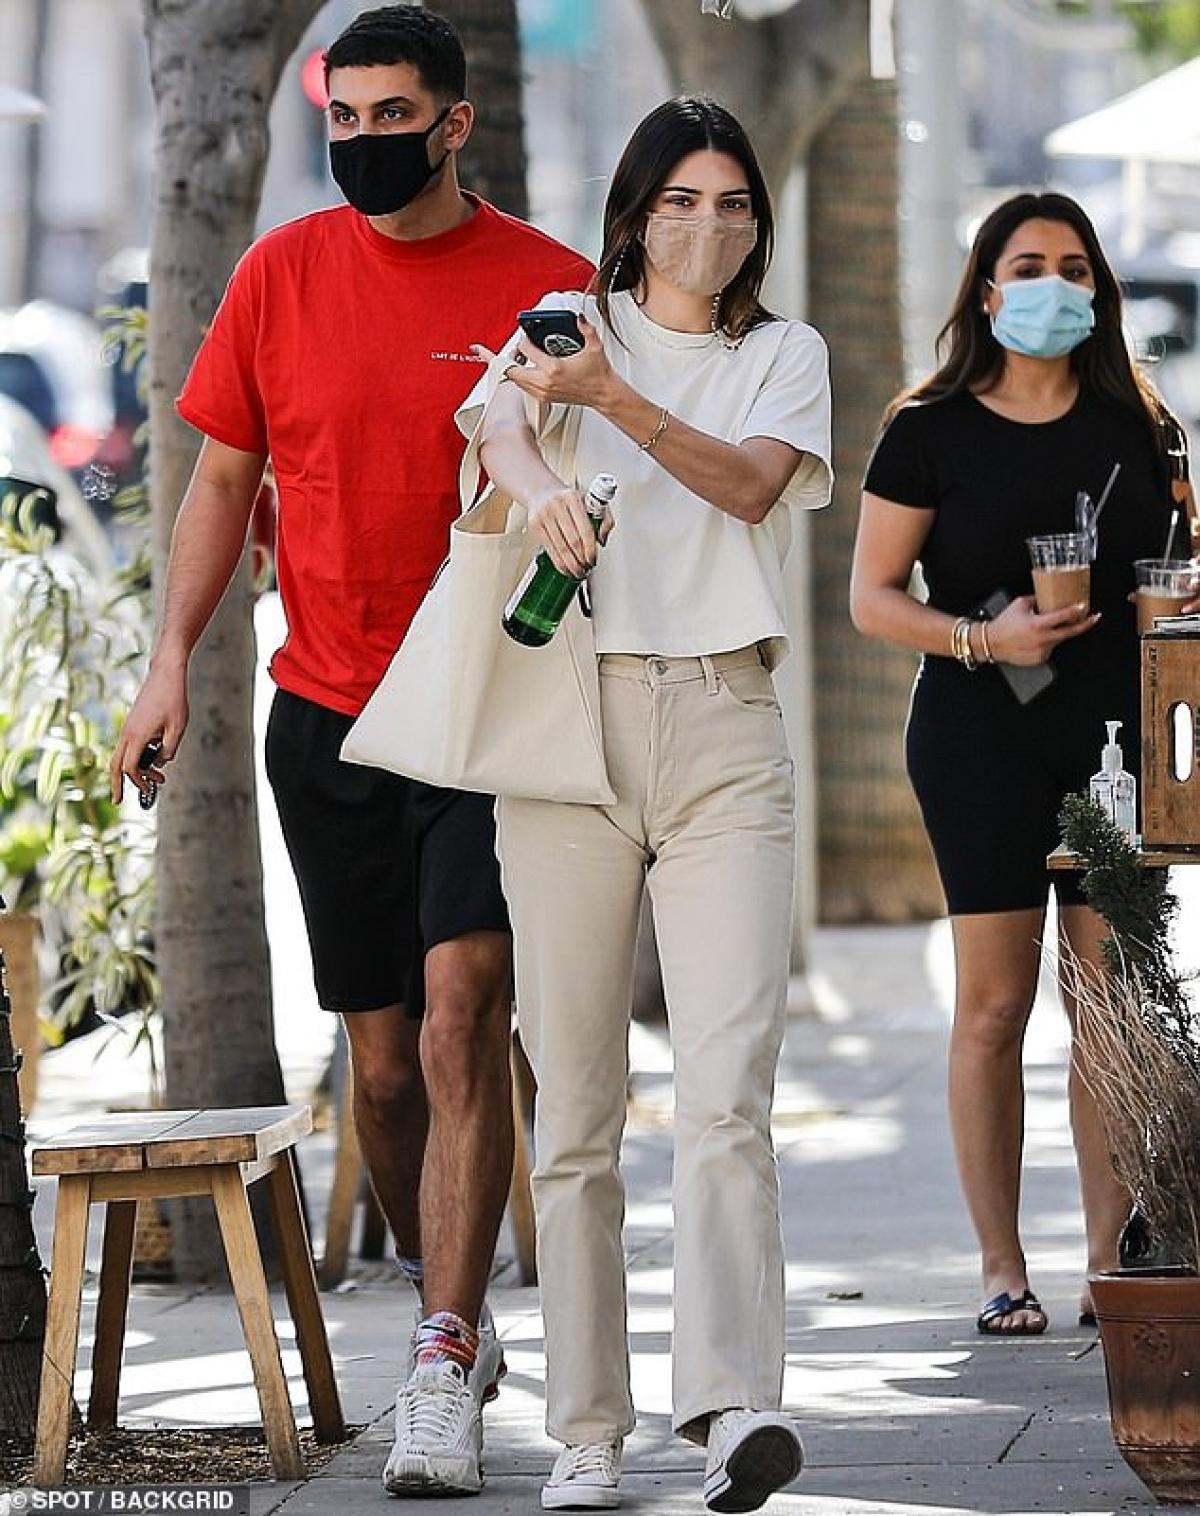 Kendall Jenner giản dị đi dạo cùng người bạn thân thiết Fai Khadra ở Beverly Hills hôm 25/2 vừa qua.